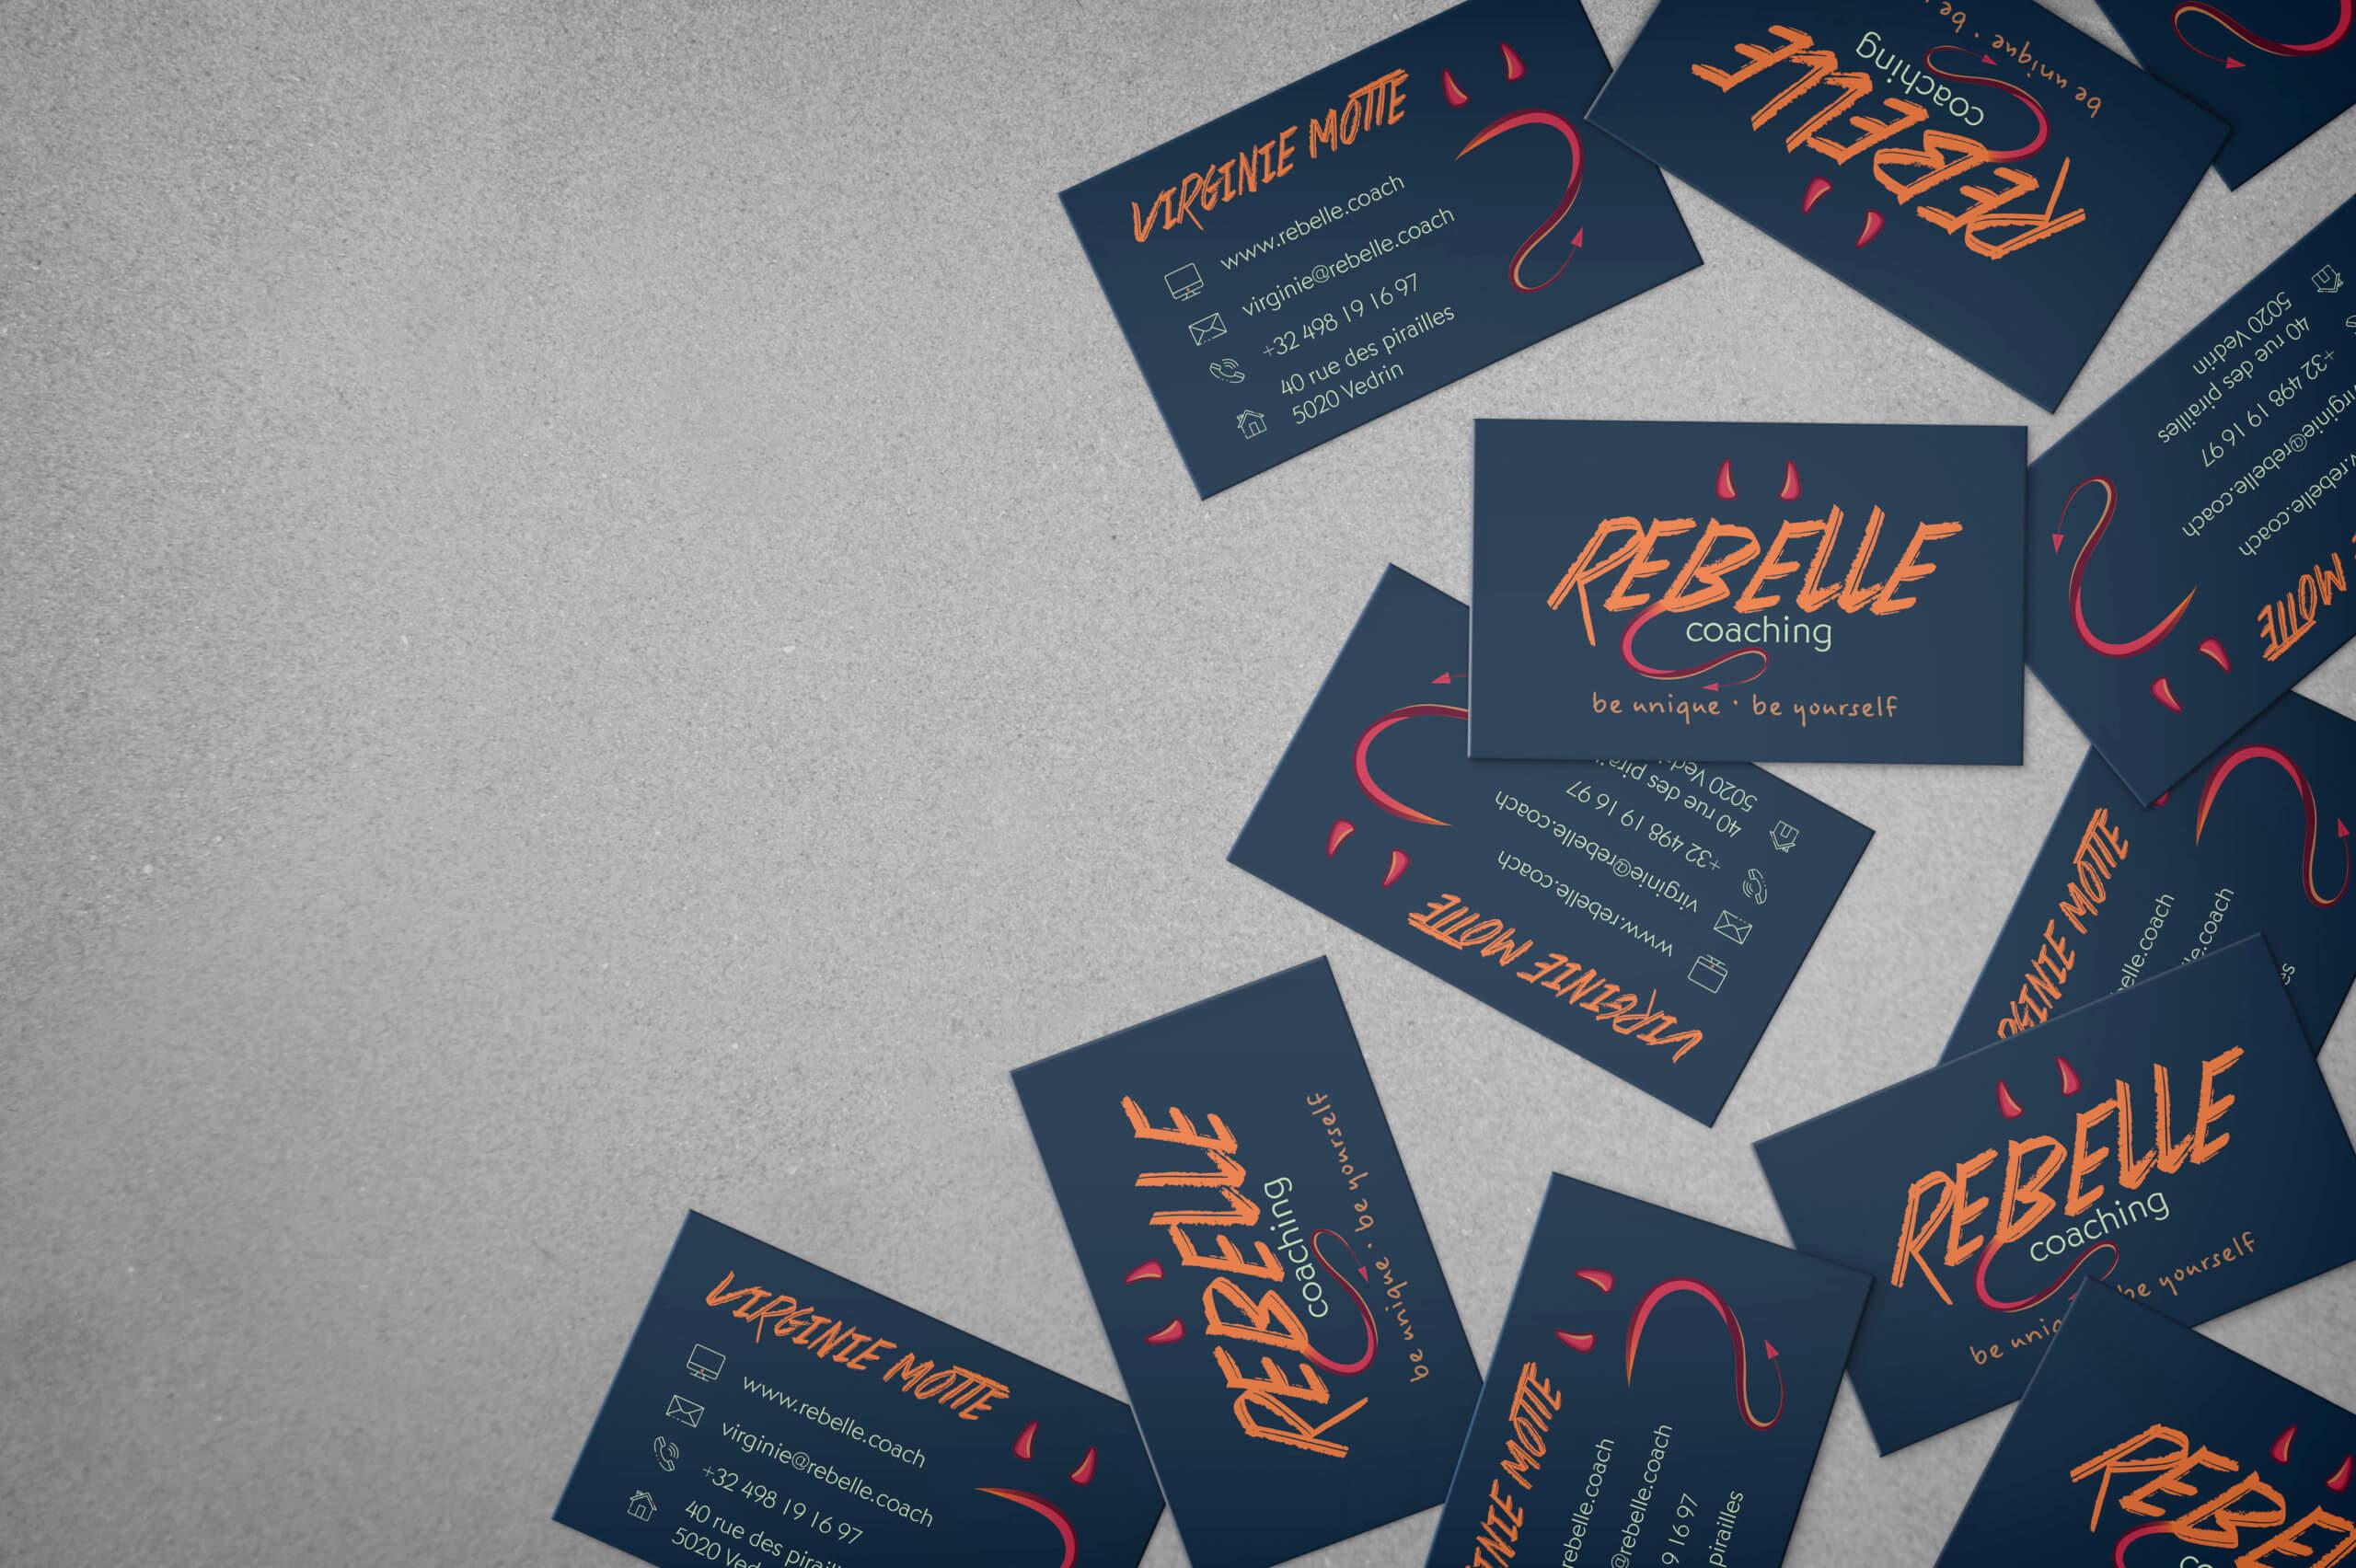 Création d'identité visuelle pour Rebelle Coaching par Let You Shine créatrice web